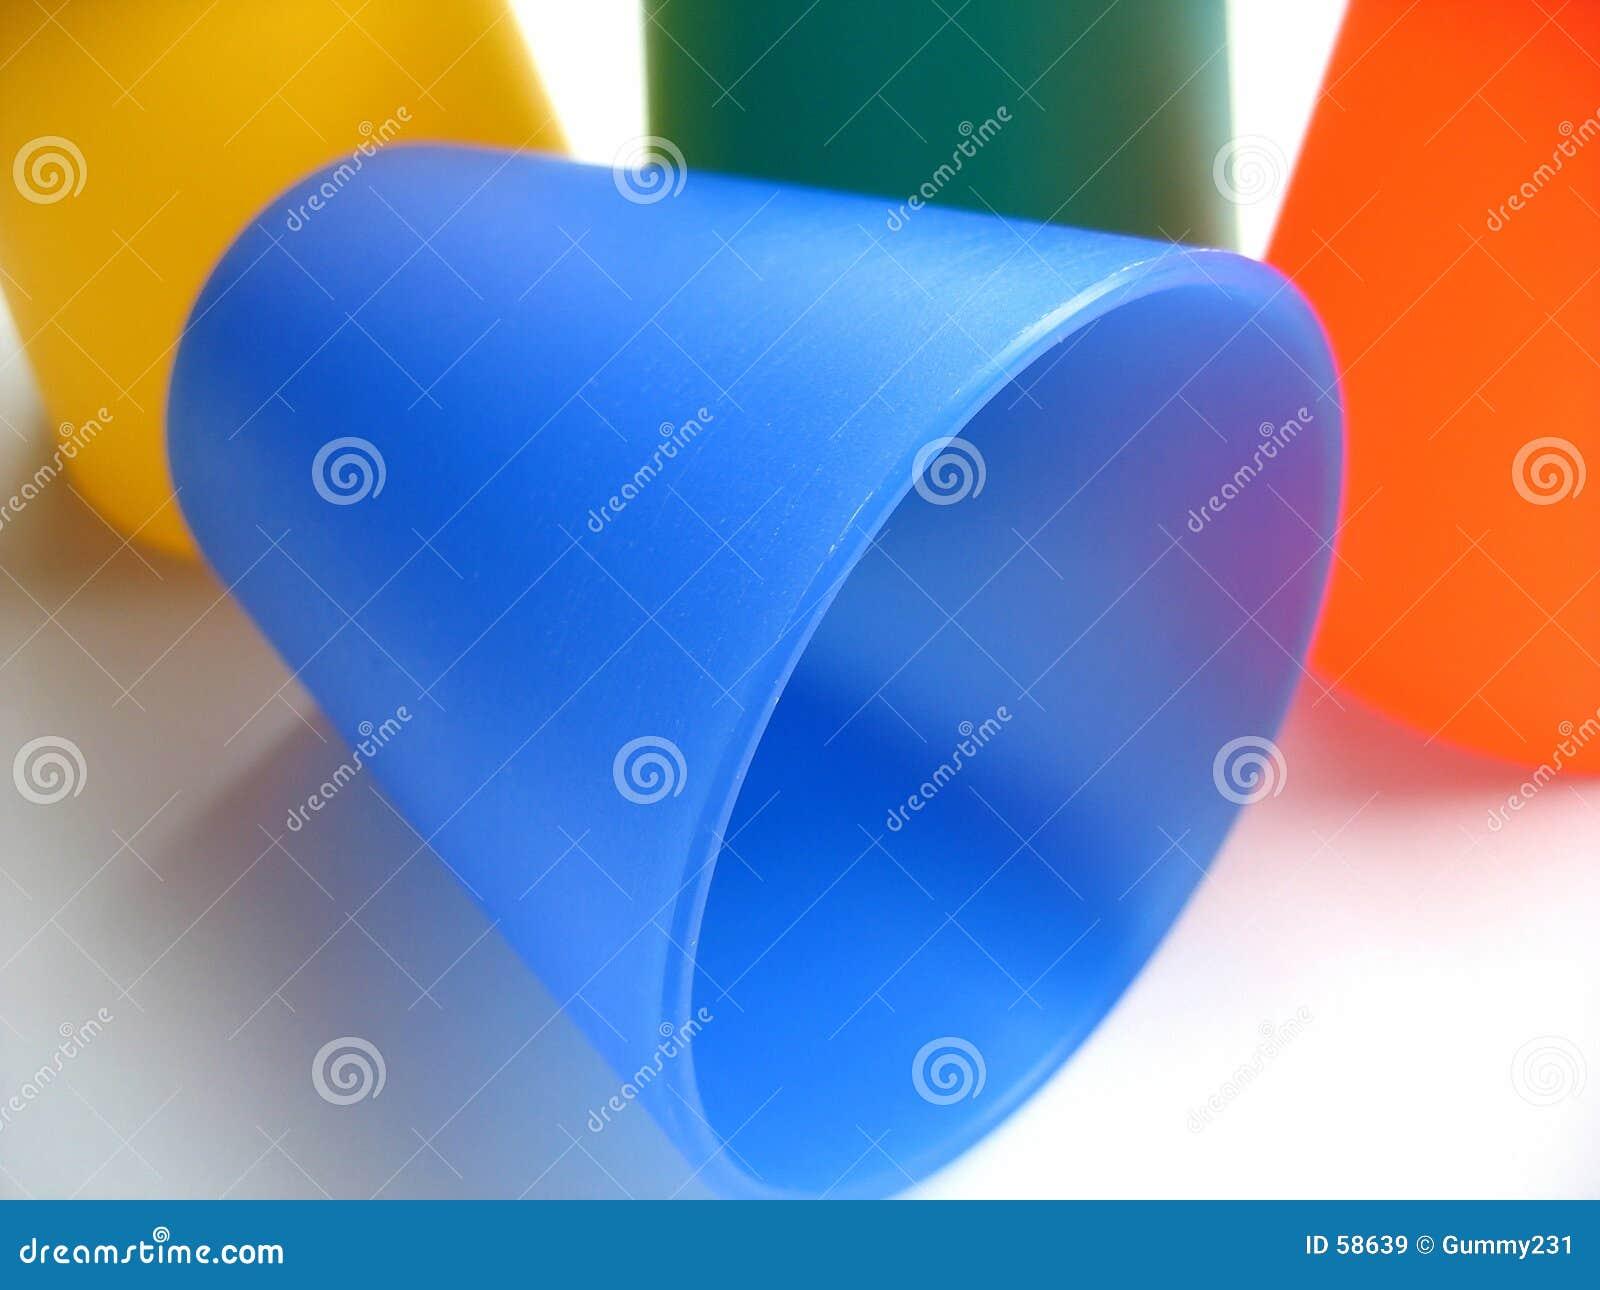 Download Bechers colorés image stock. Image du altéré, pièce, rafraîchissements - 58639